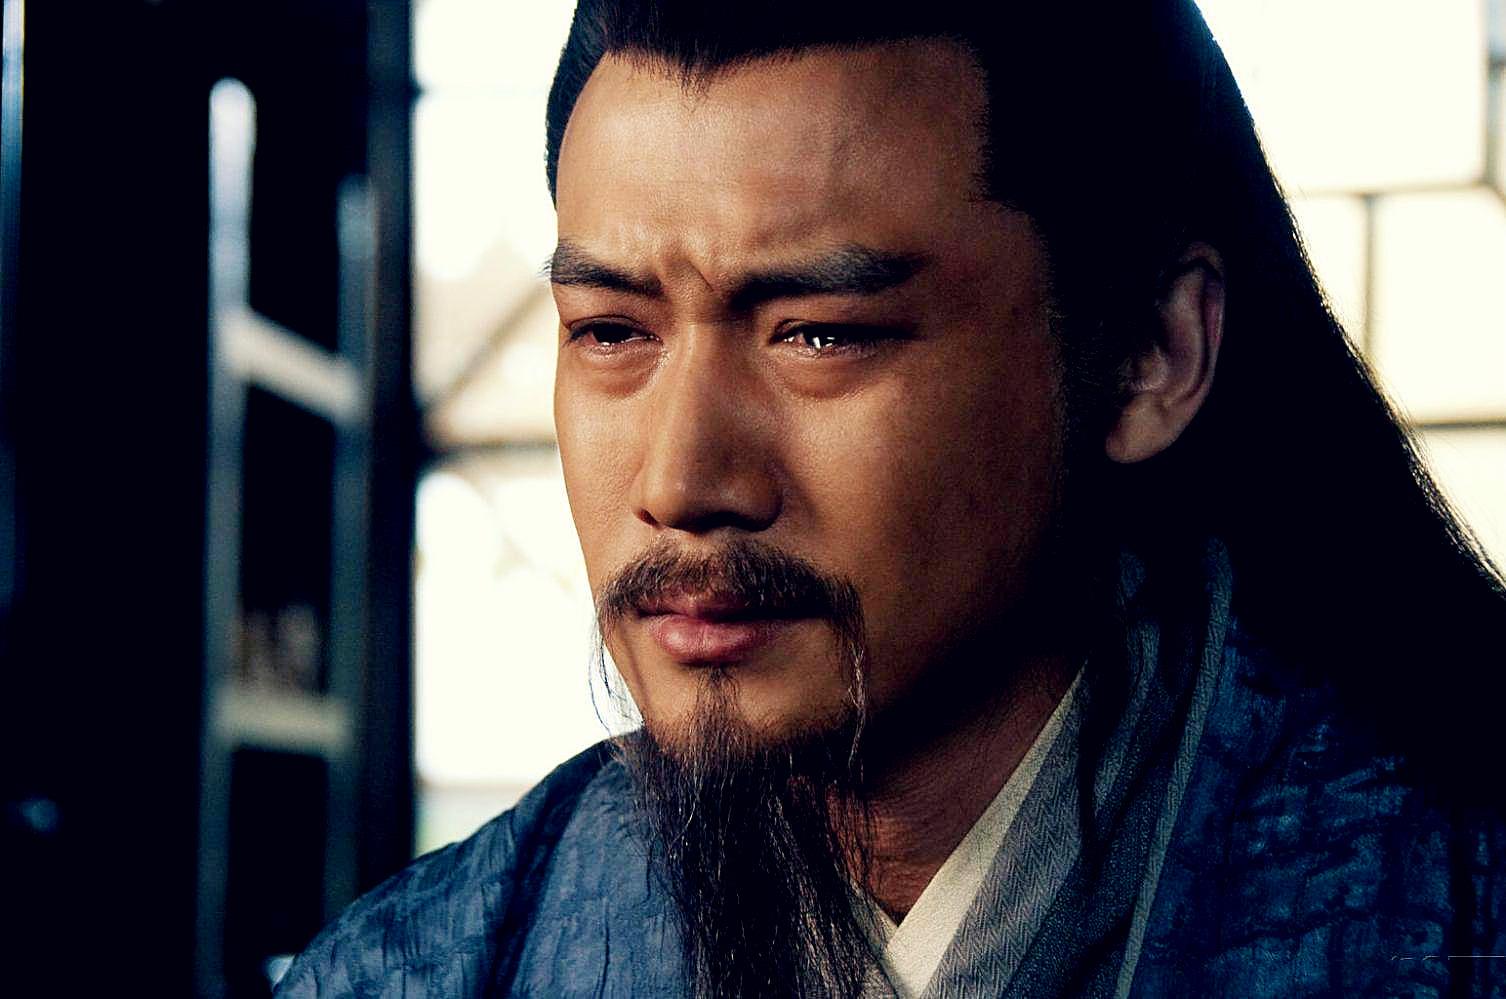 论做人,其实刘备才是真正值得学习的榜样